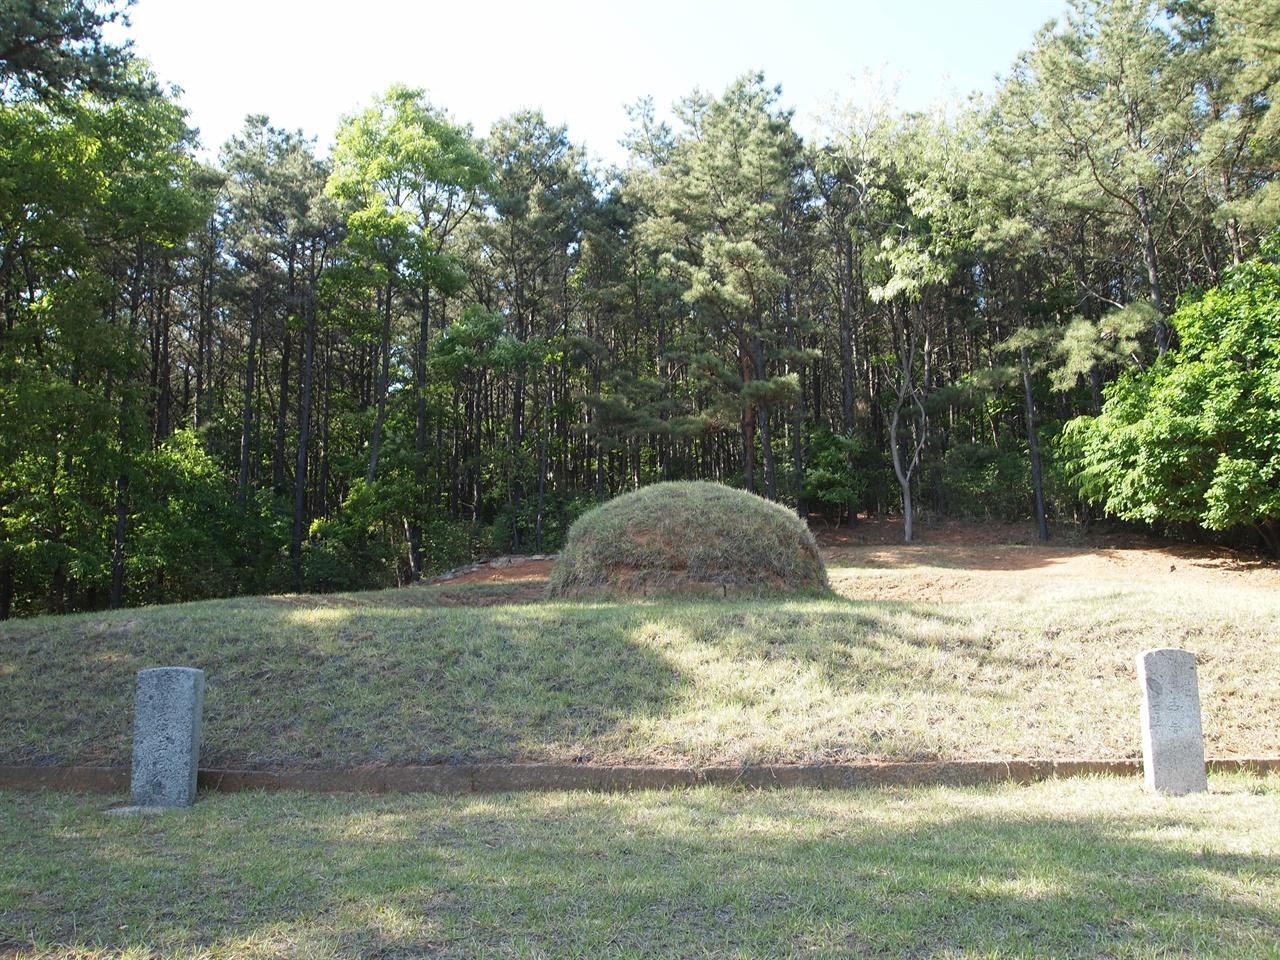 강화 곤릉 전면에서 바라본 곤릉의 모습, 발굴조사를 통해 석인상 4기와 석수 1기의 머리 부분이 확인되었다.